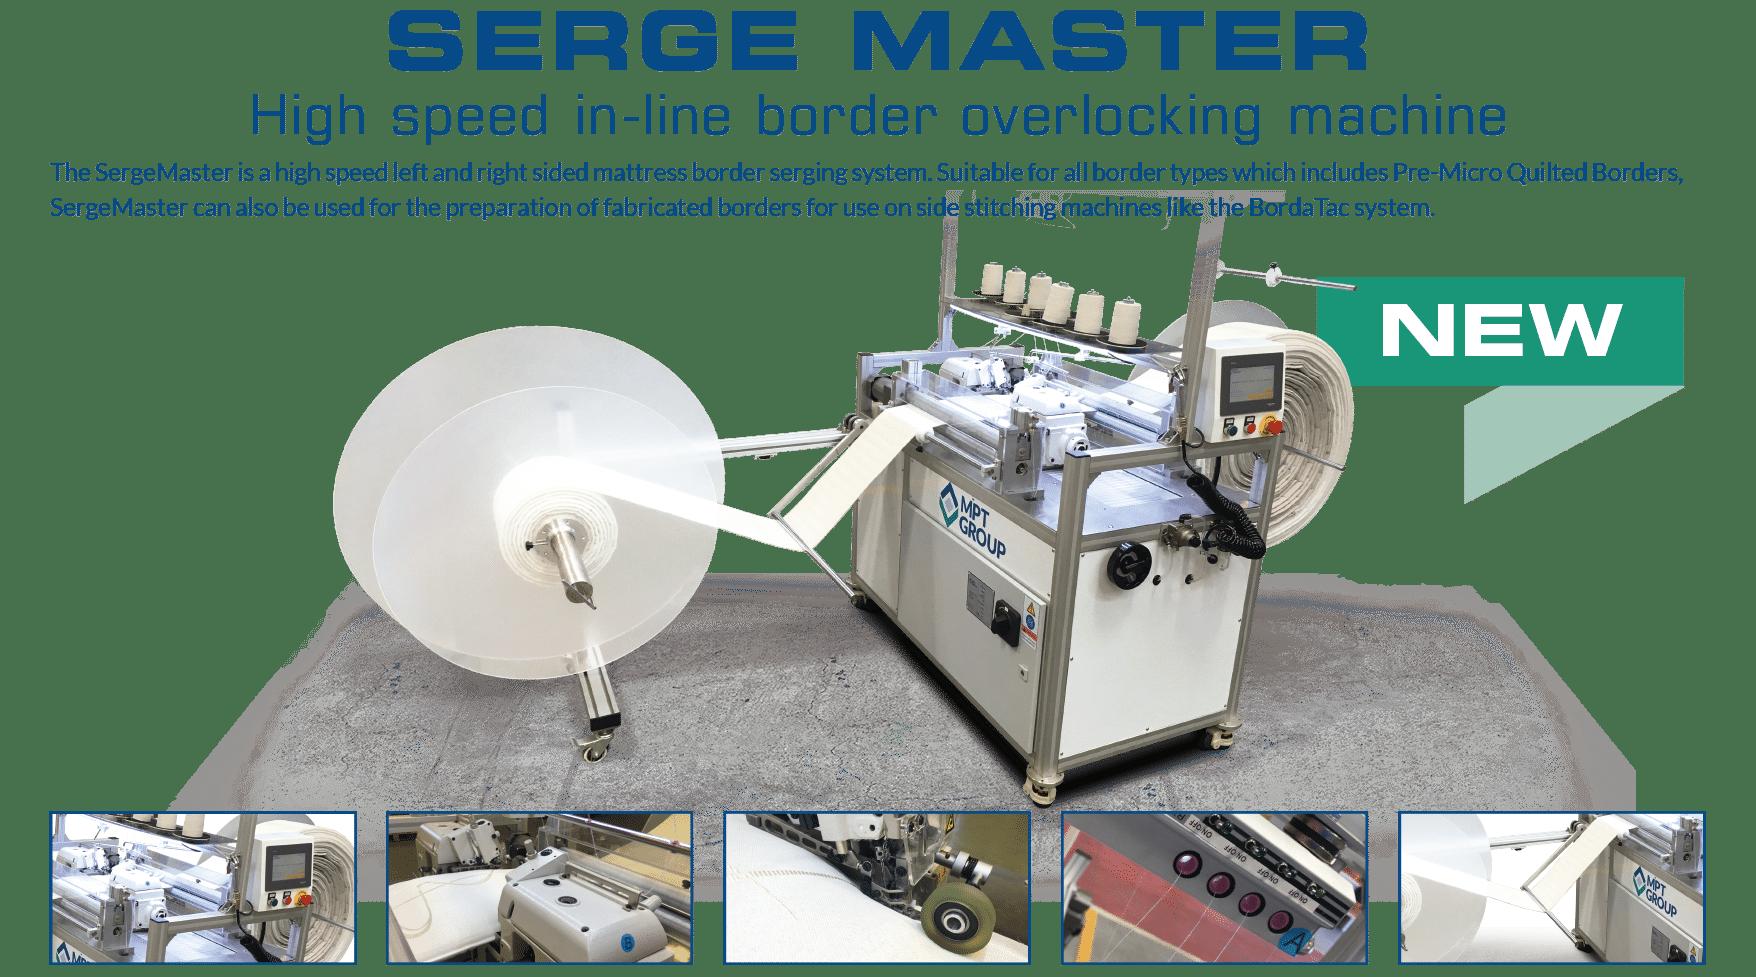 Serge Master